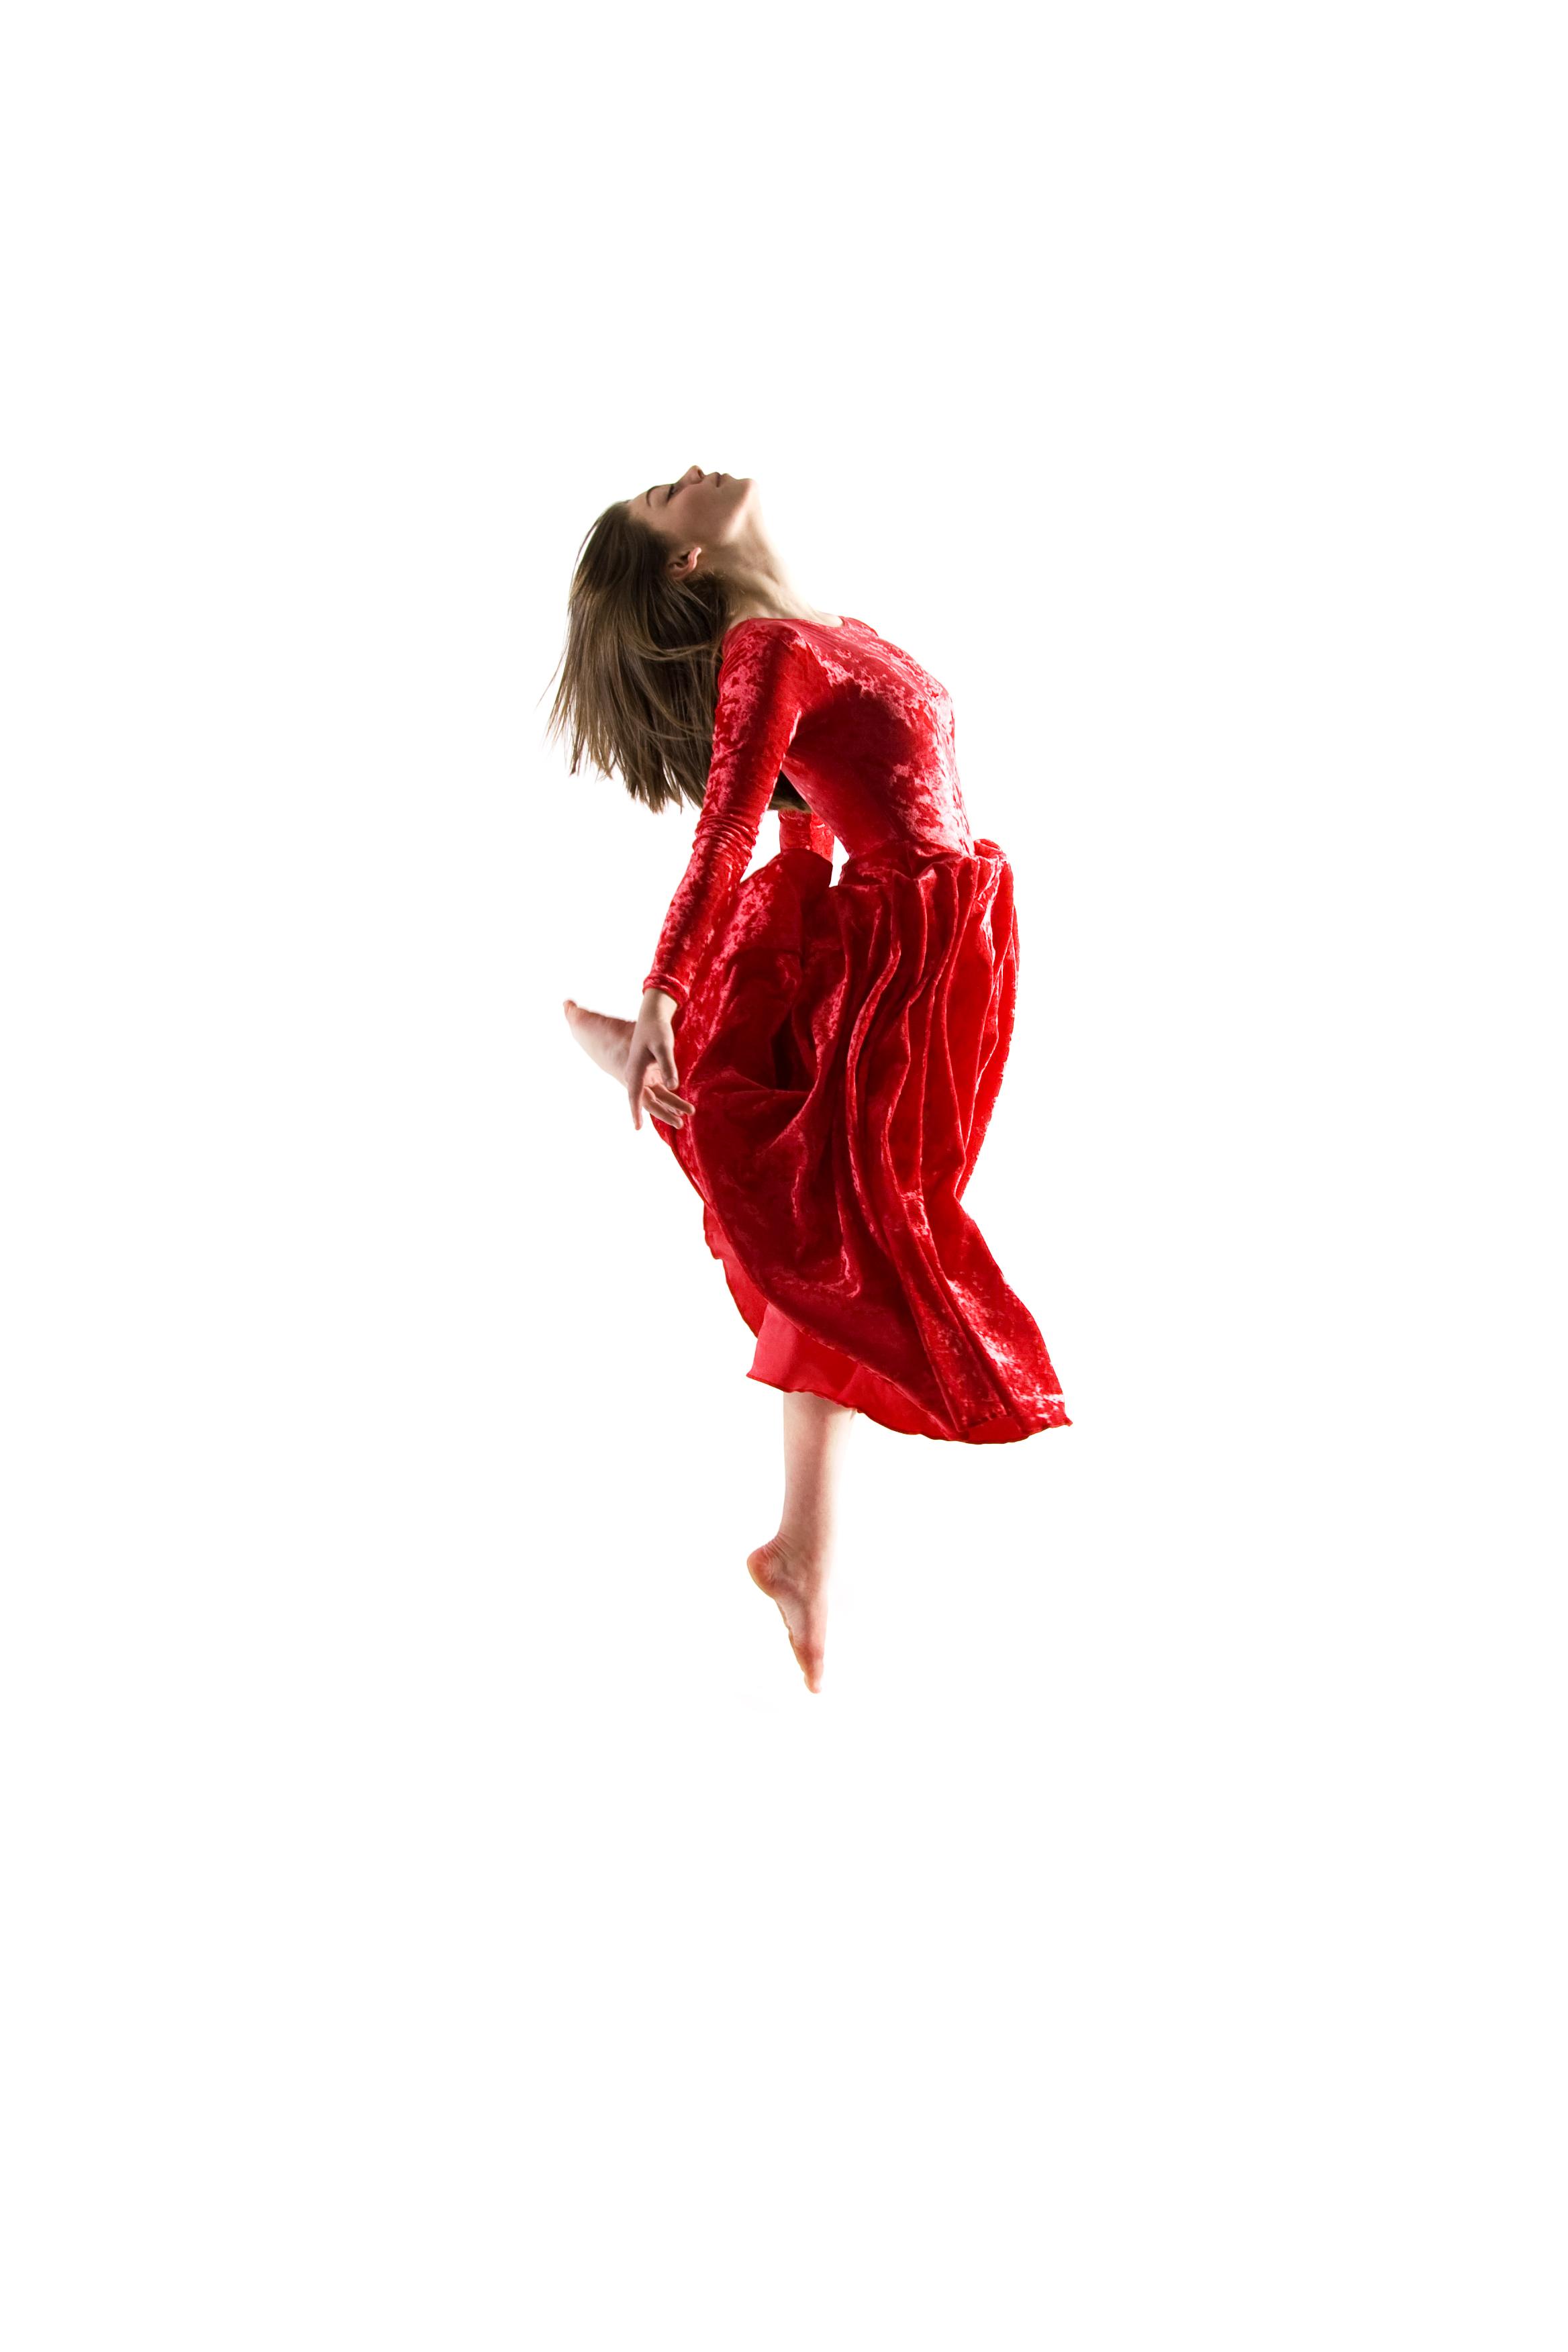 Dance_062.jpg